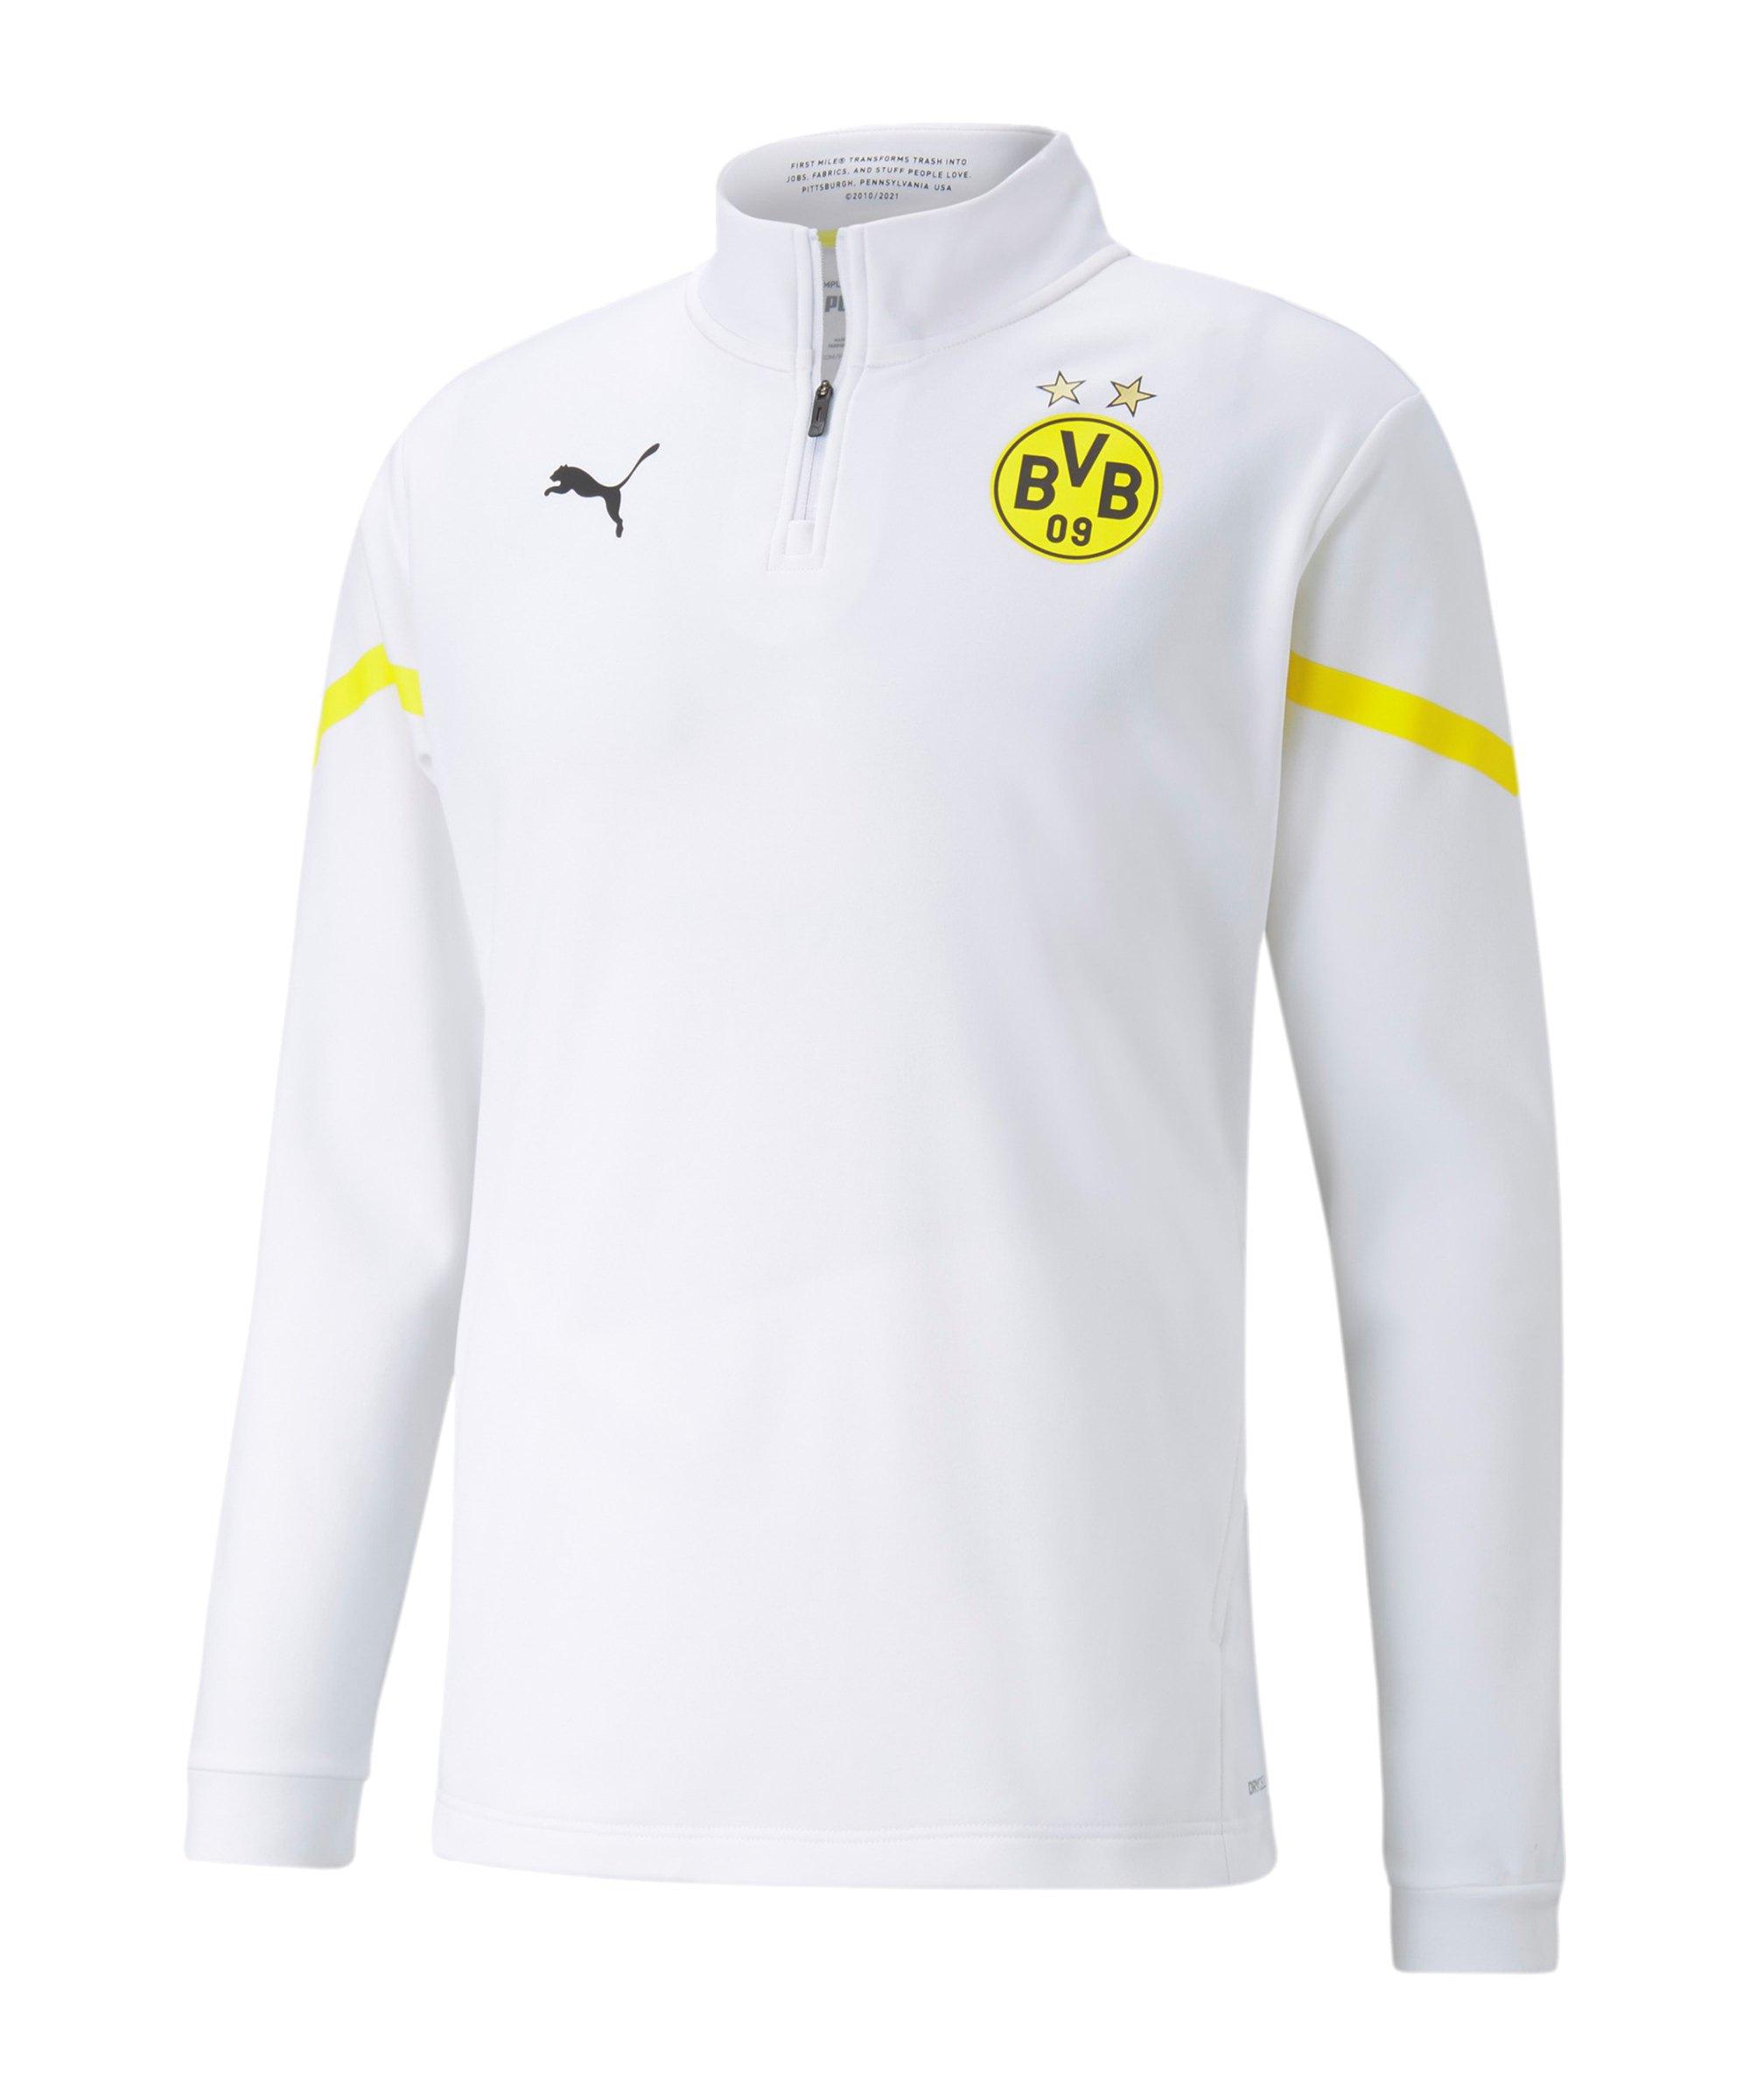 PUMA BVB Dortmund Prematch HalfZip Sweatshirt 2021/2022 Weiss Gelb F08 - weiss